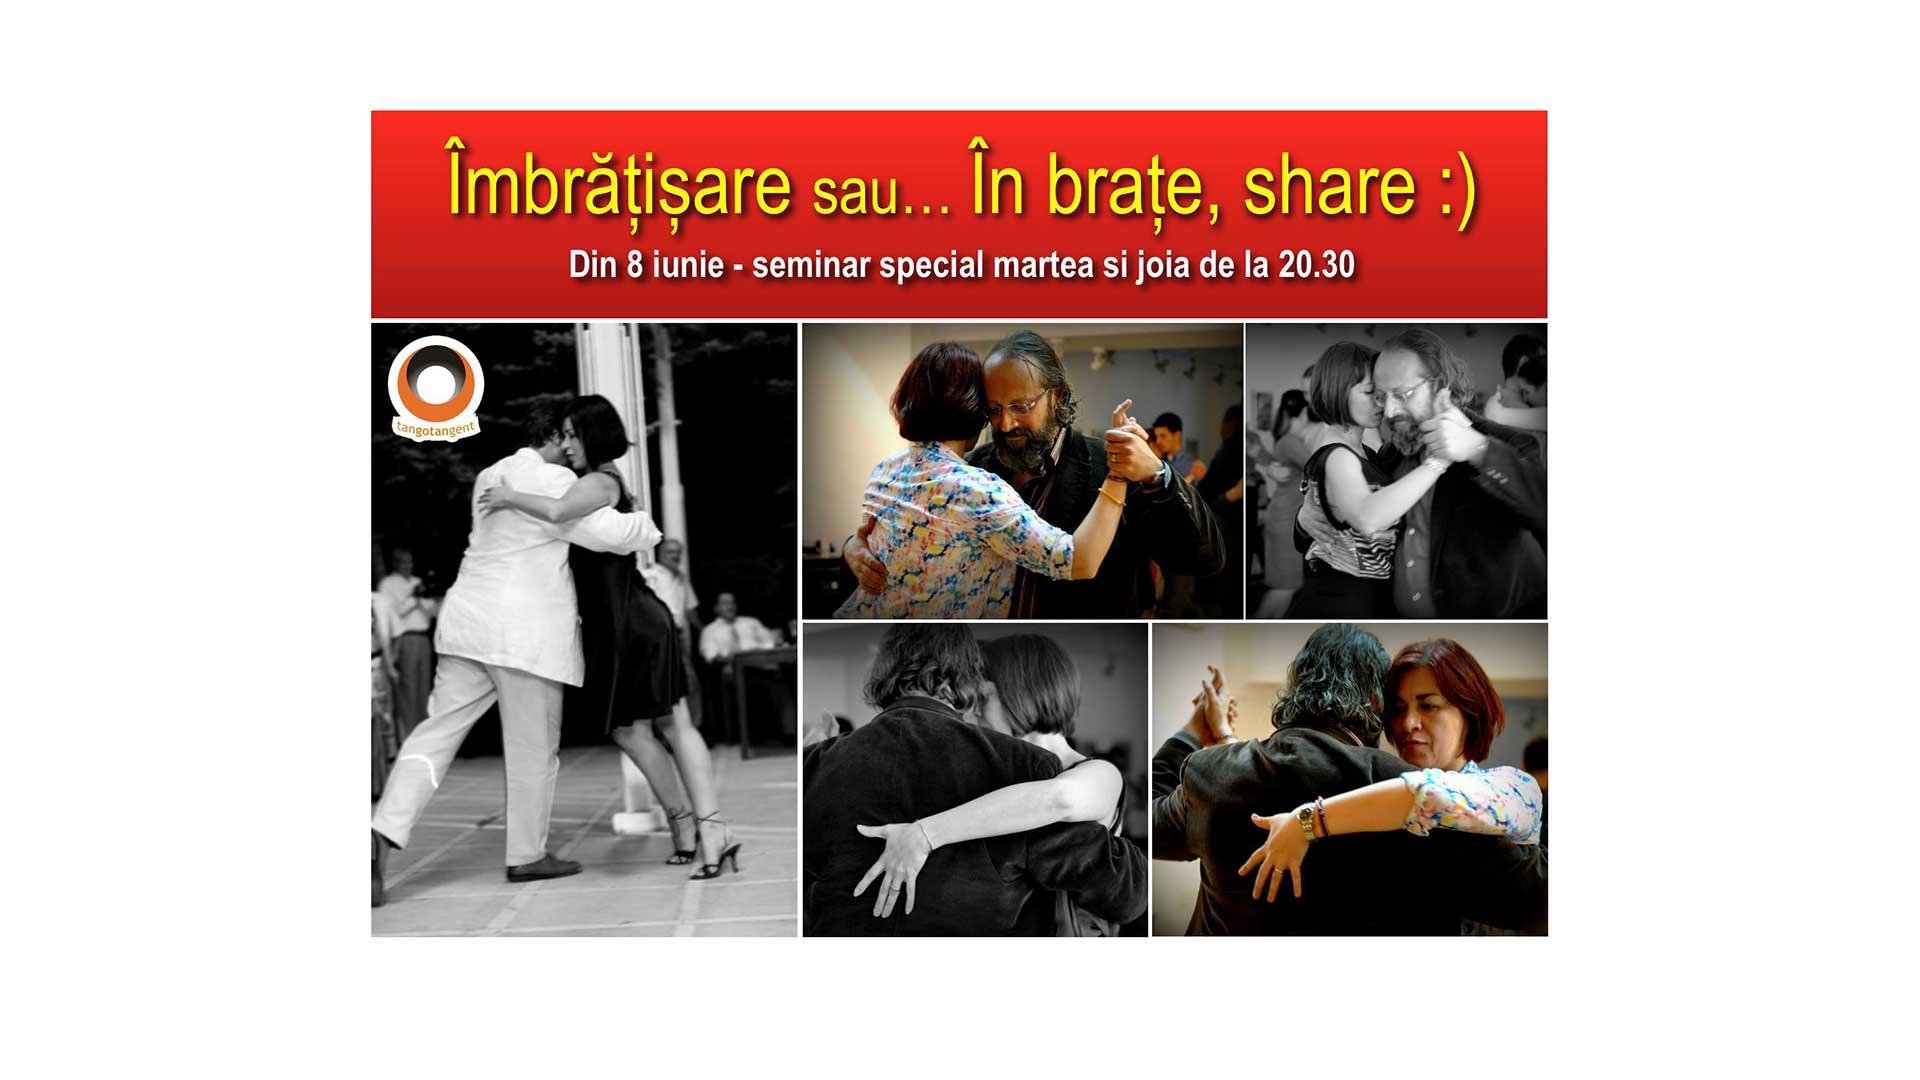 Îmbrățișare - Seminar special intensiv - tango-tangent-imbratisare